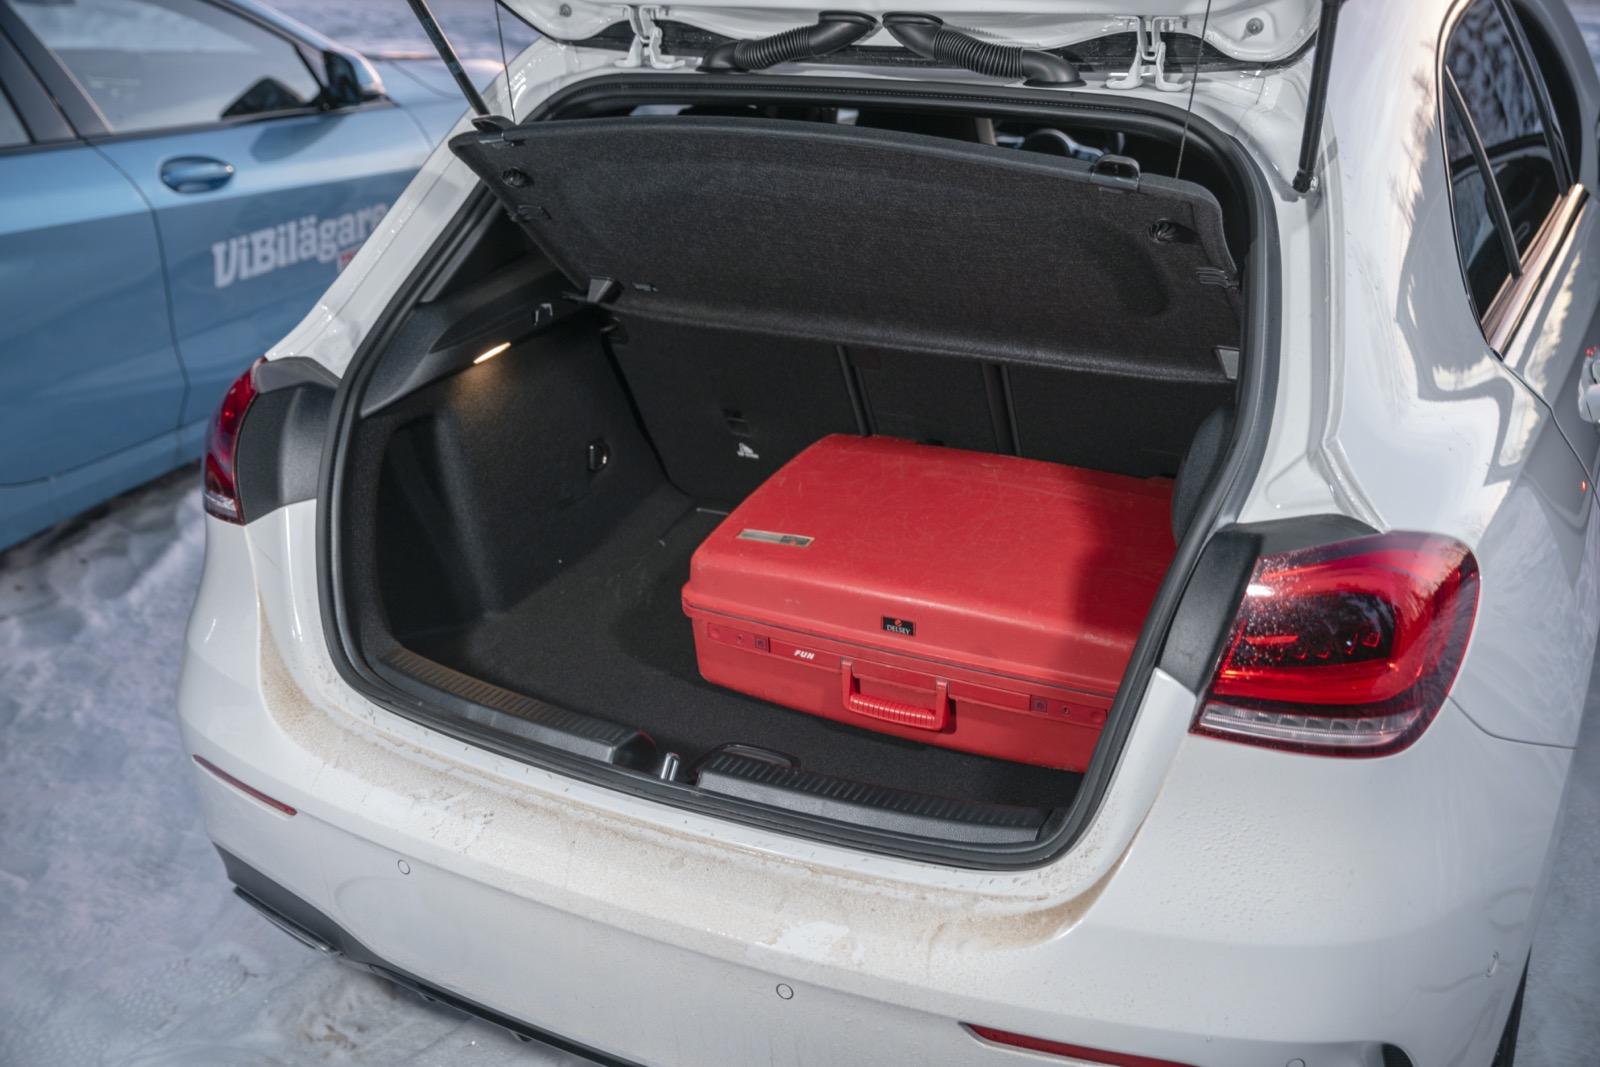 Mercedes: Lägst lasttröskel, bredast både mellan hjulhus och öppning gör A-klass till den mest lättlastade i trion.